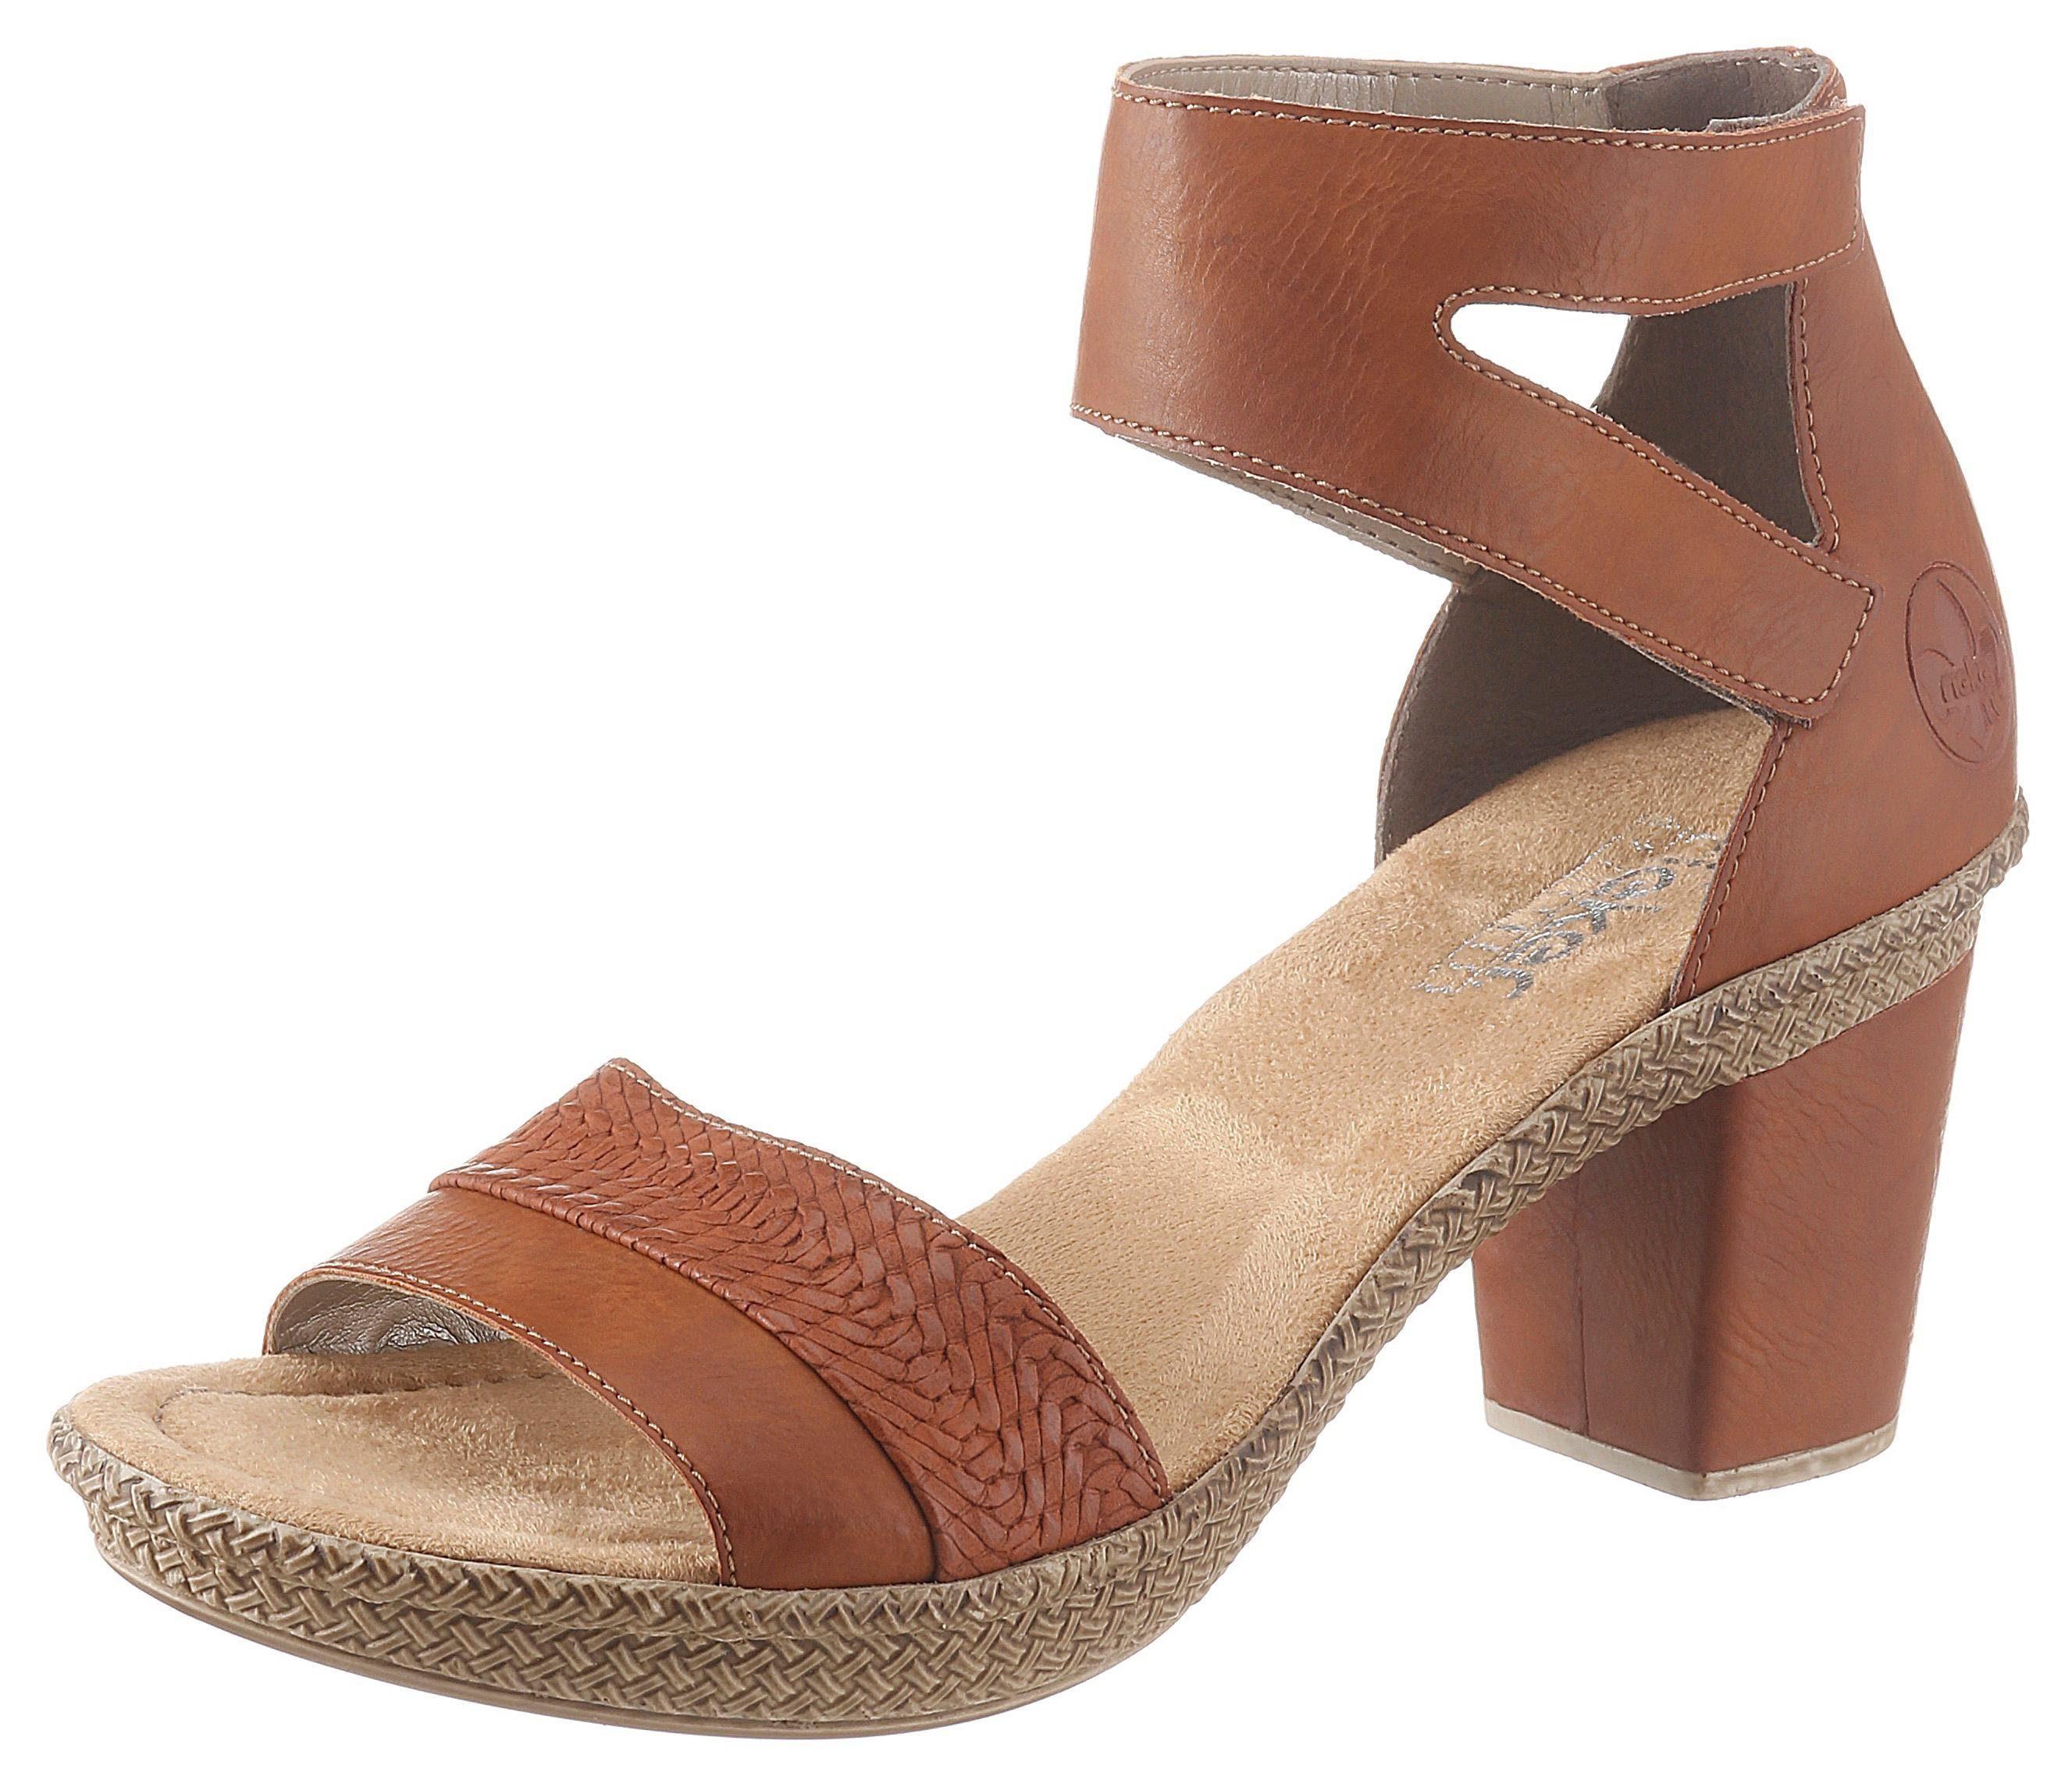 Rieker Sandalette mit Klettverschluss, In eleganter Optik online kaufen | OTTO